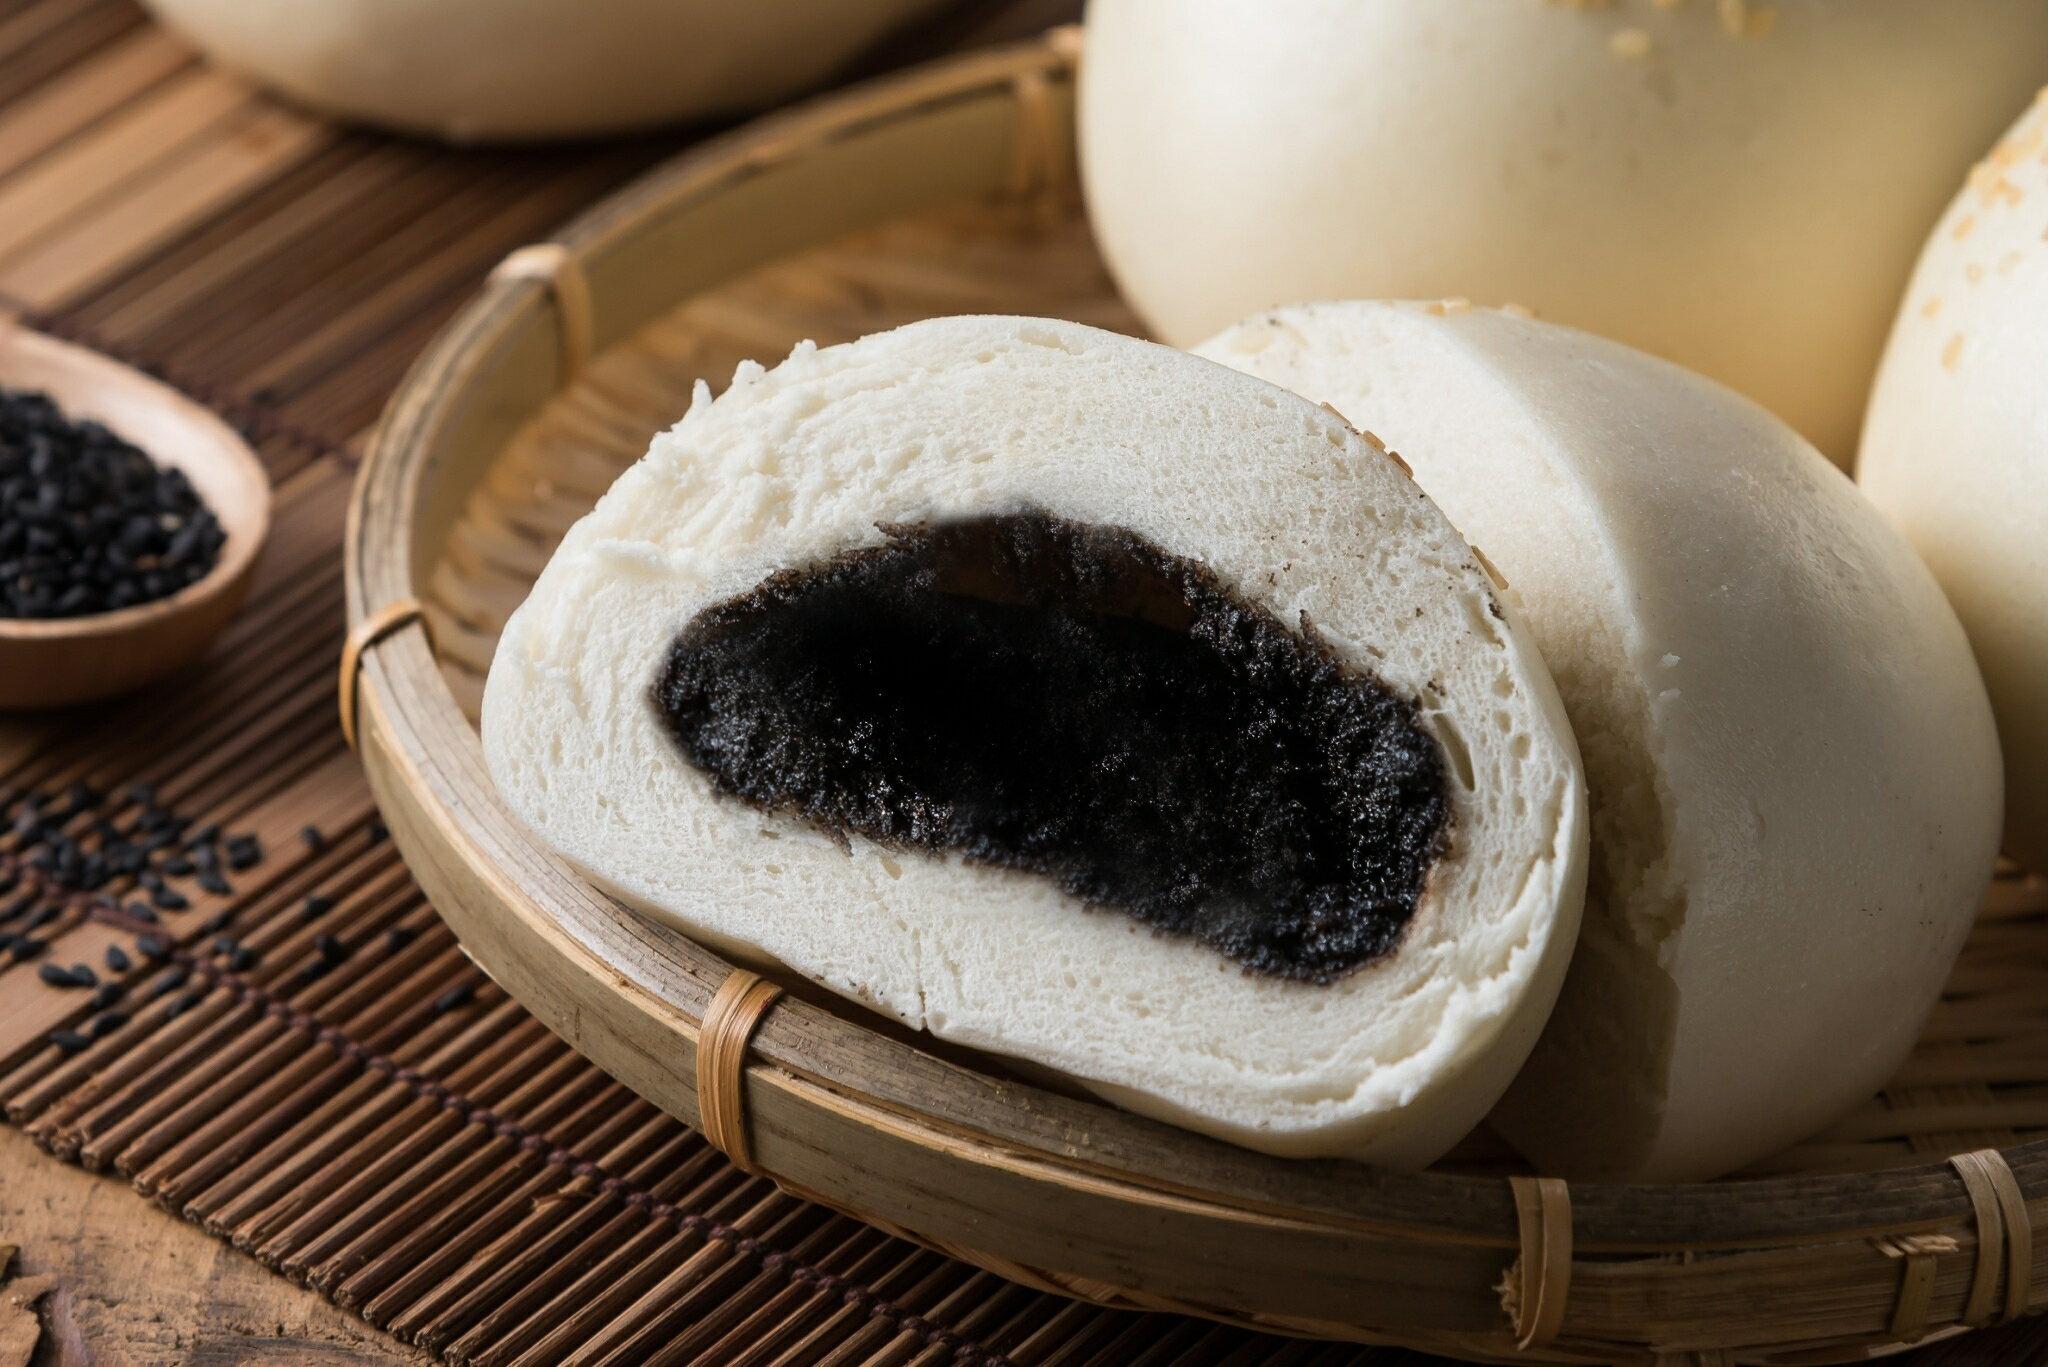 【简单馒头】芝麻包 5入组(100g/个) 馒头/包子/团购/冷冻食品/芝麻/甜点